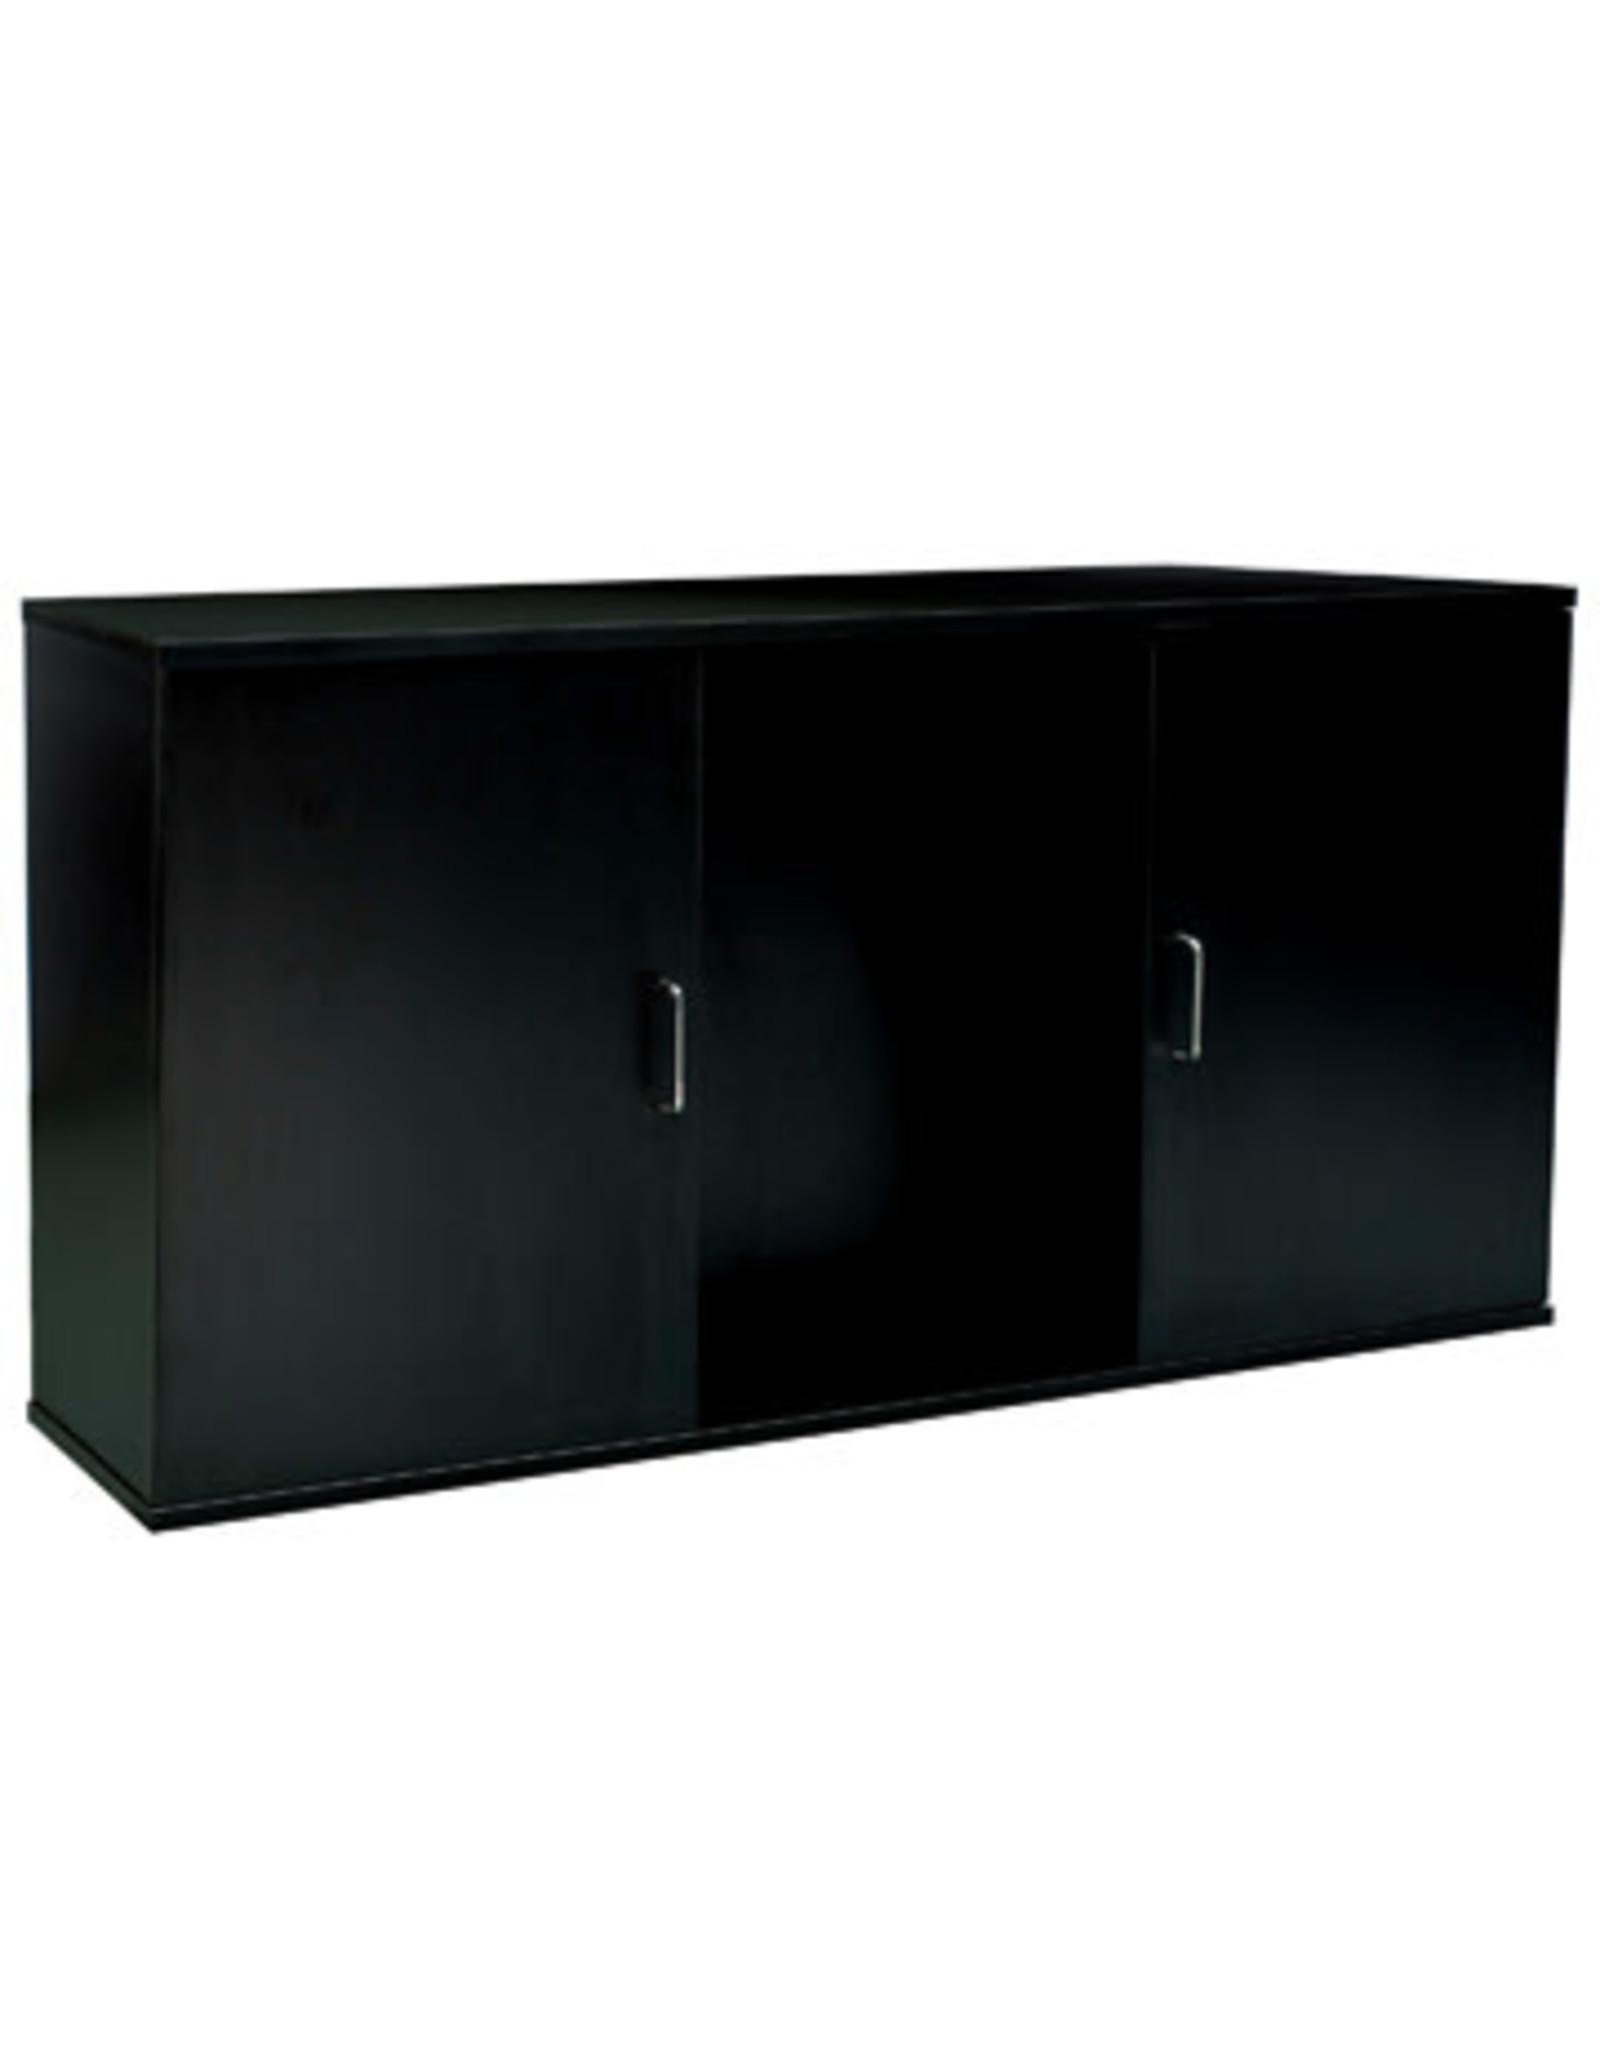 """Fluval Fluval Aquarium Cabinet - 55 Gal - 48.78"""" x 13.25"""" x 26"""" (124 cm x 33.7 cm x 66 cm) - Black"""